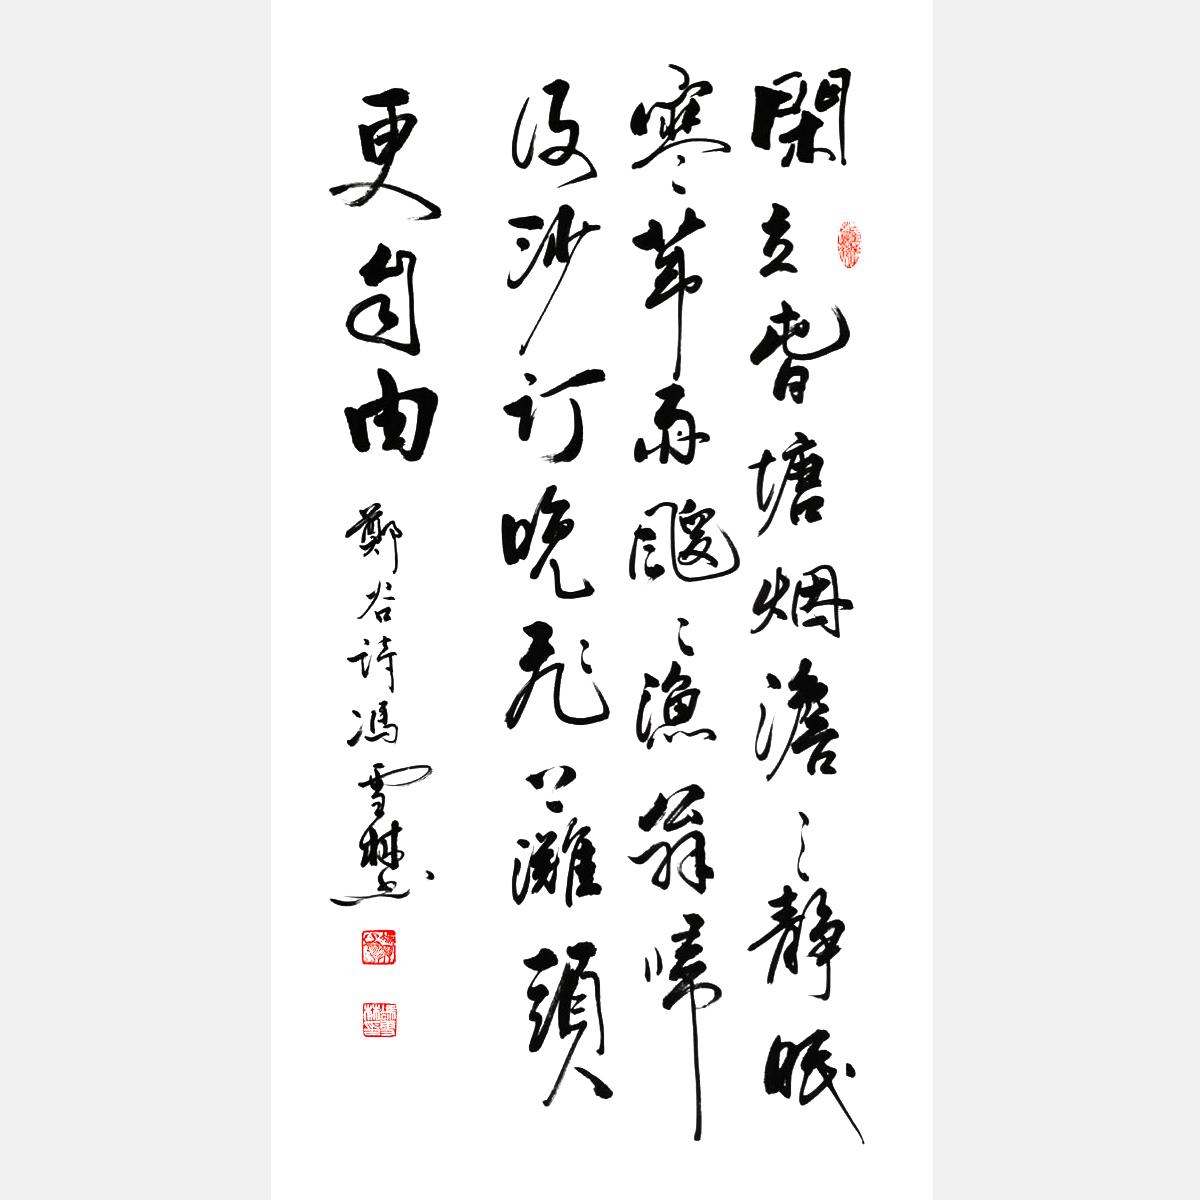 冯雪林行书作品鉴赏 唐末郑谷《鹭鸶》